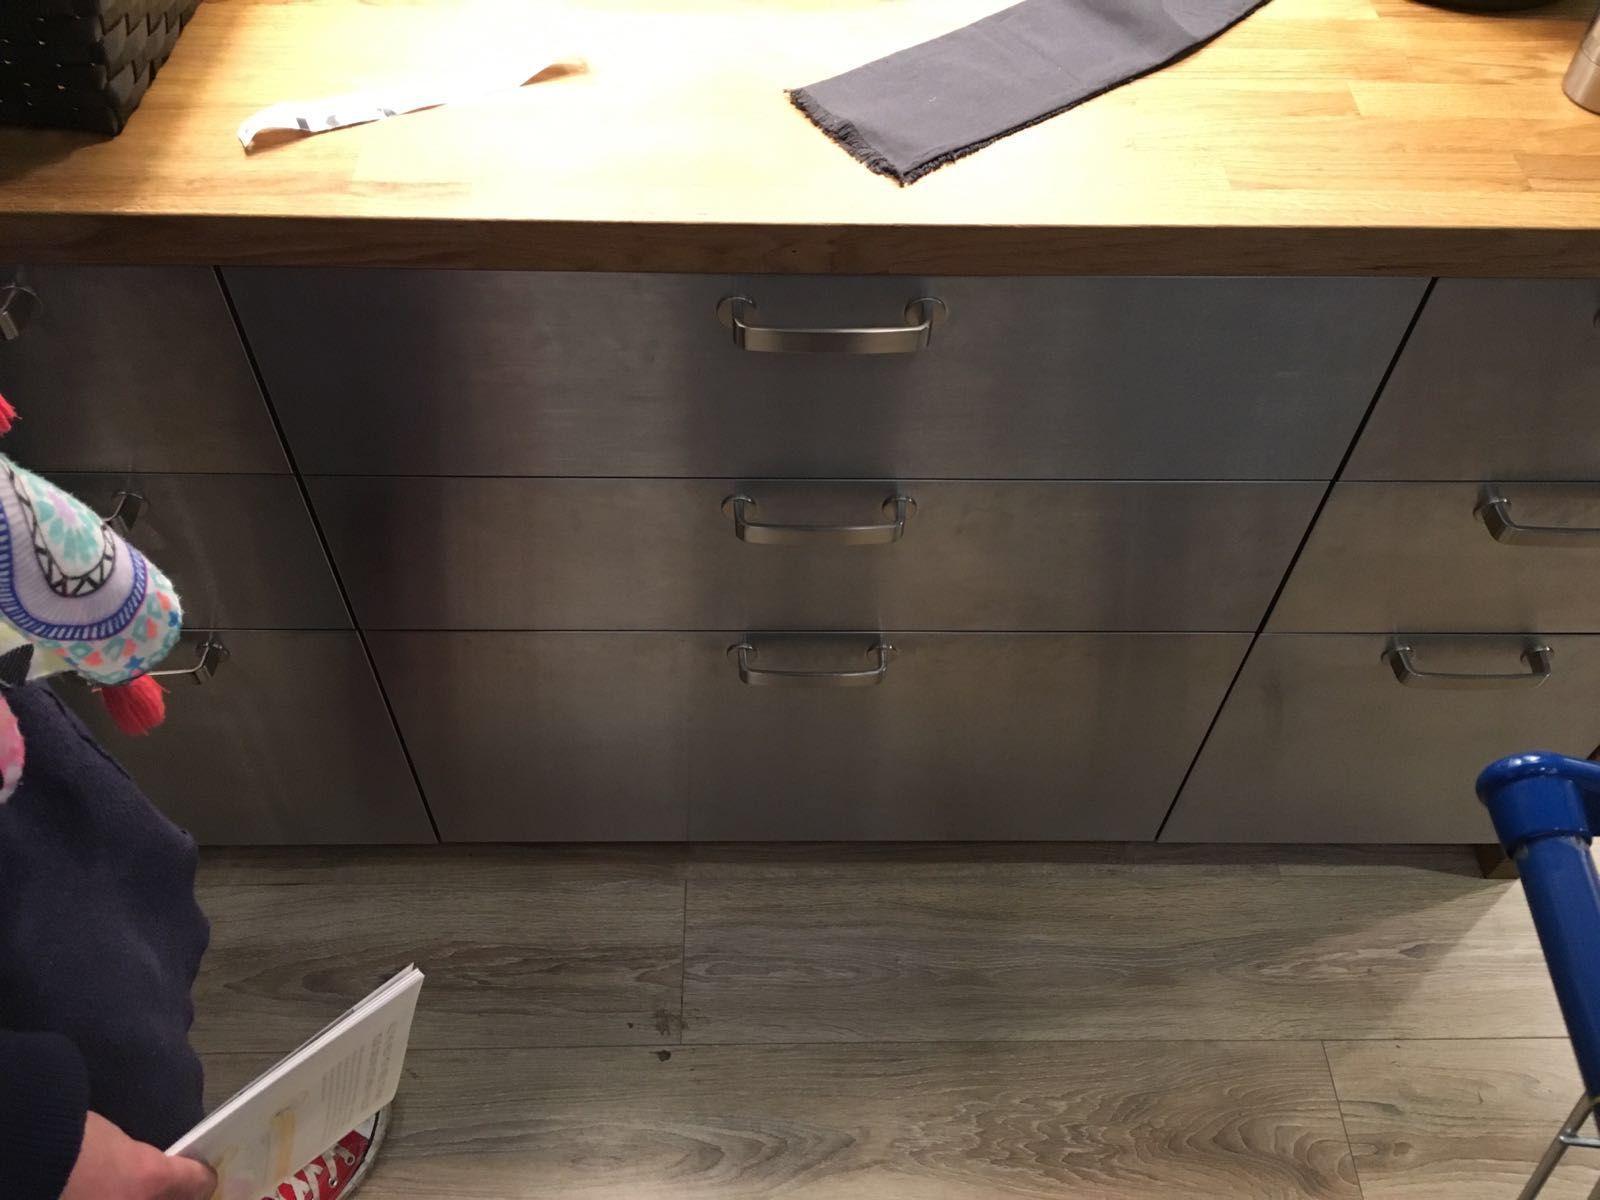 Ikea Kitchen Island Stainless Steel ikea kitchen island stainless steel | roselawnlutheran